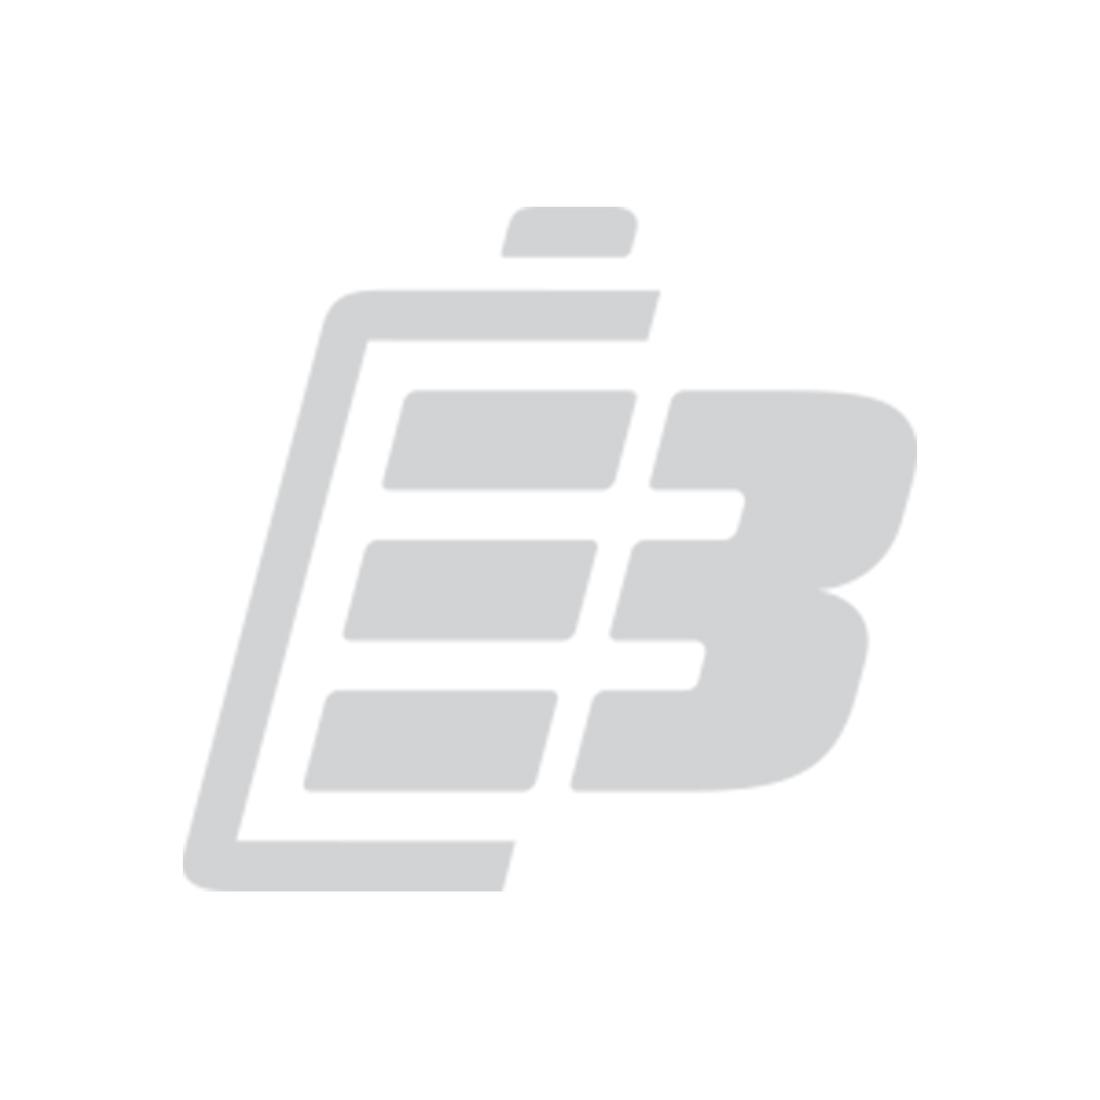 Μπαταρία κινητού τηλεφώνου Siemens CX65_1